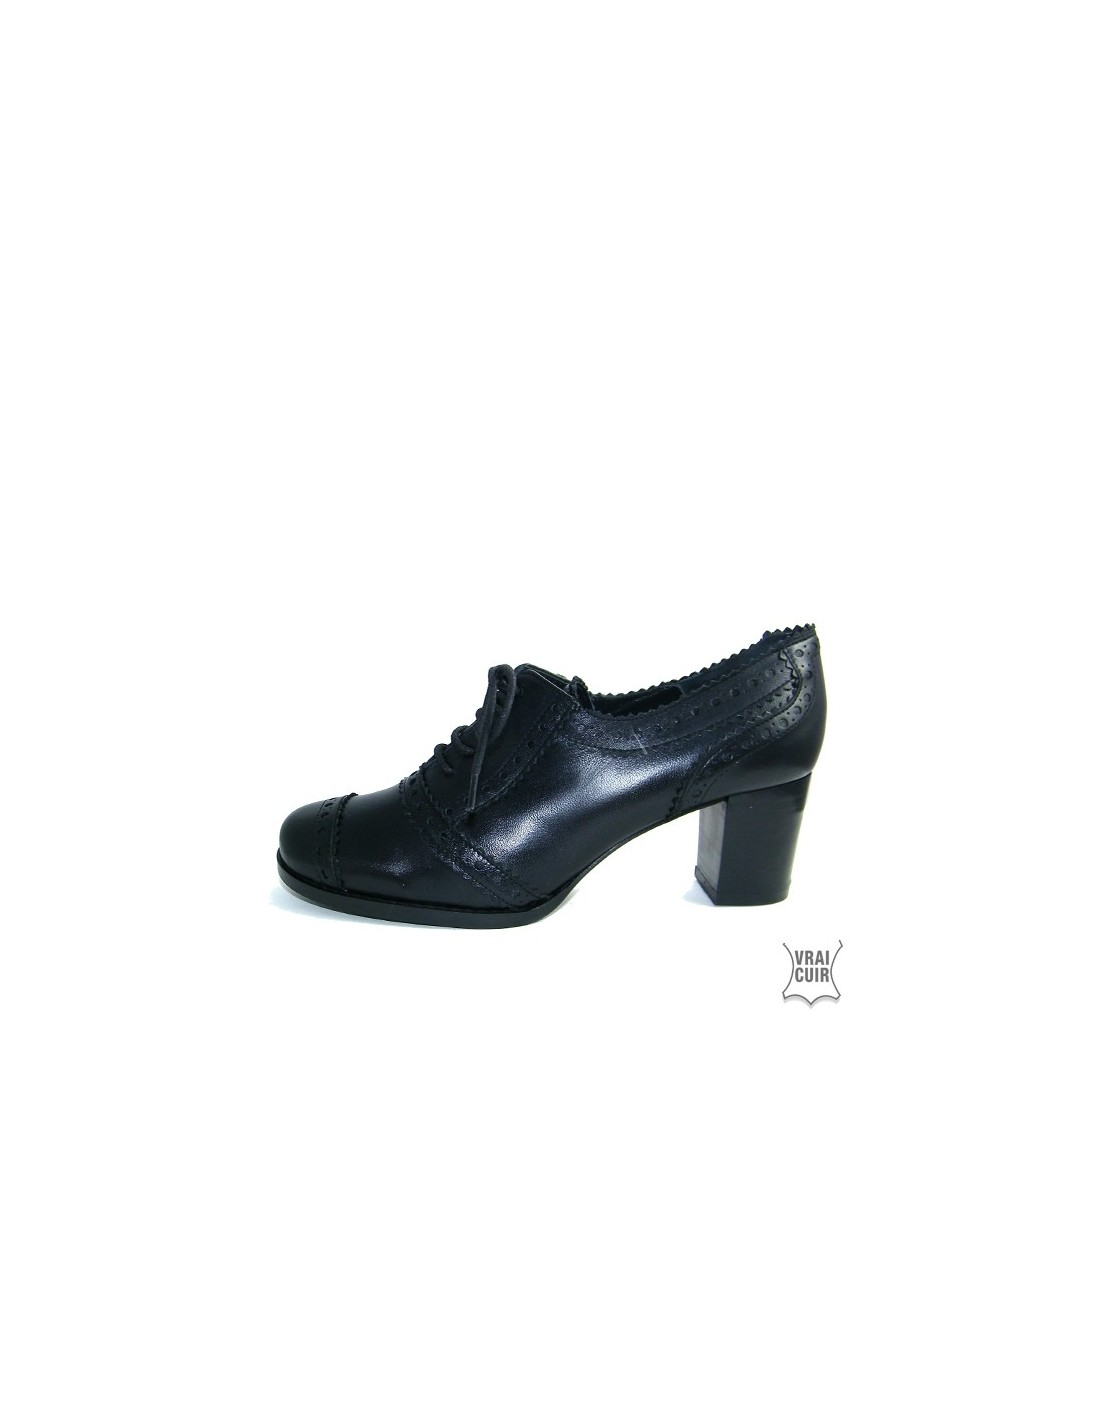 en pointure petite femme Chaussures pour de villetrotteurs shrxQdCt